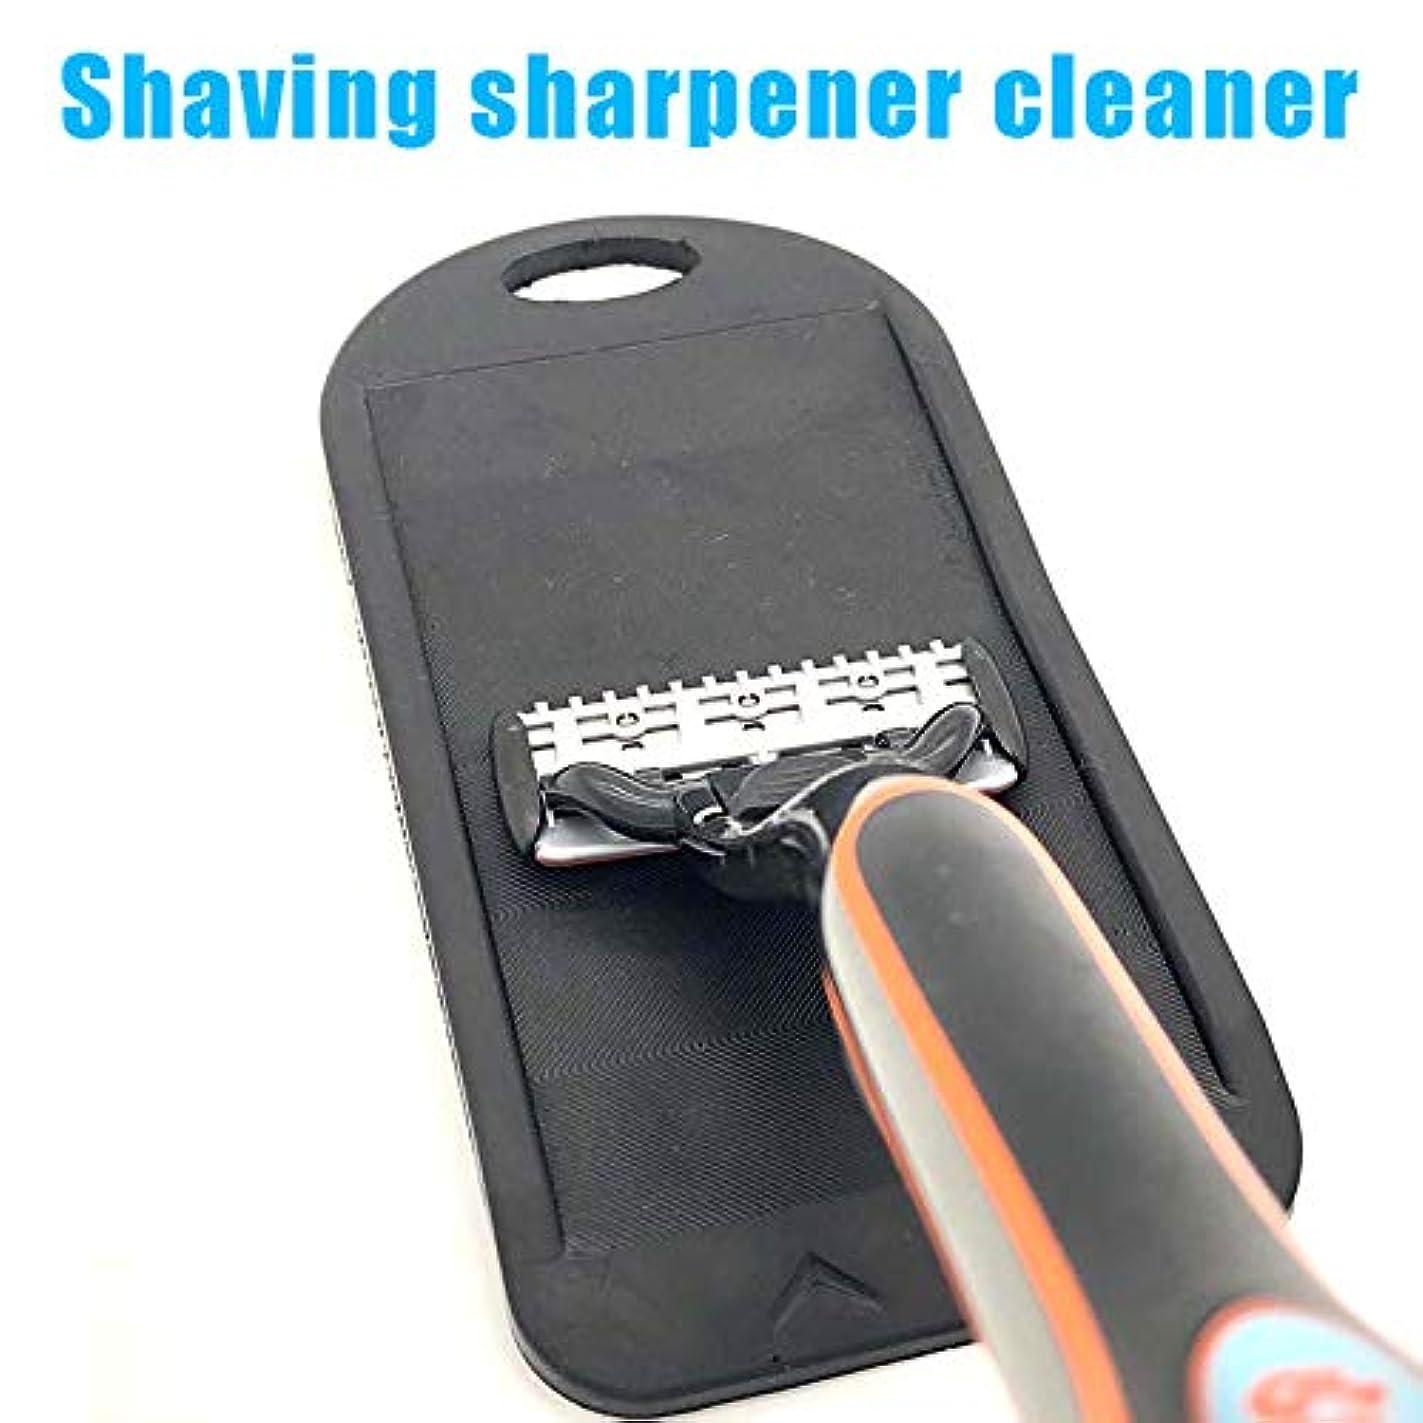 前件著名な最後にWoita シェービングクリーナー シェーバークリーナー 剃刀の刃 削り器 男性と女性のために 時間 贈り物